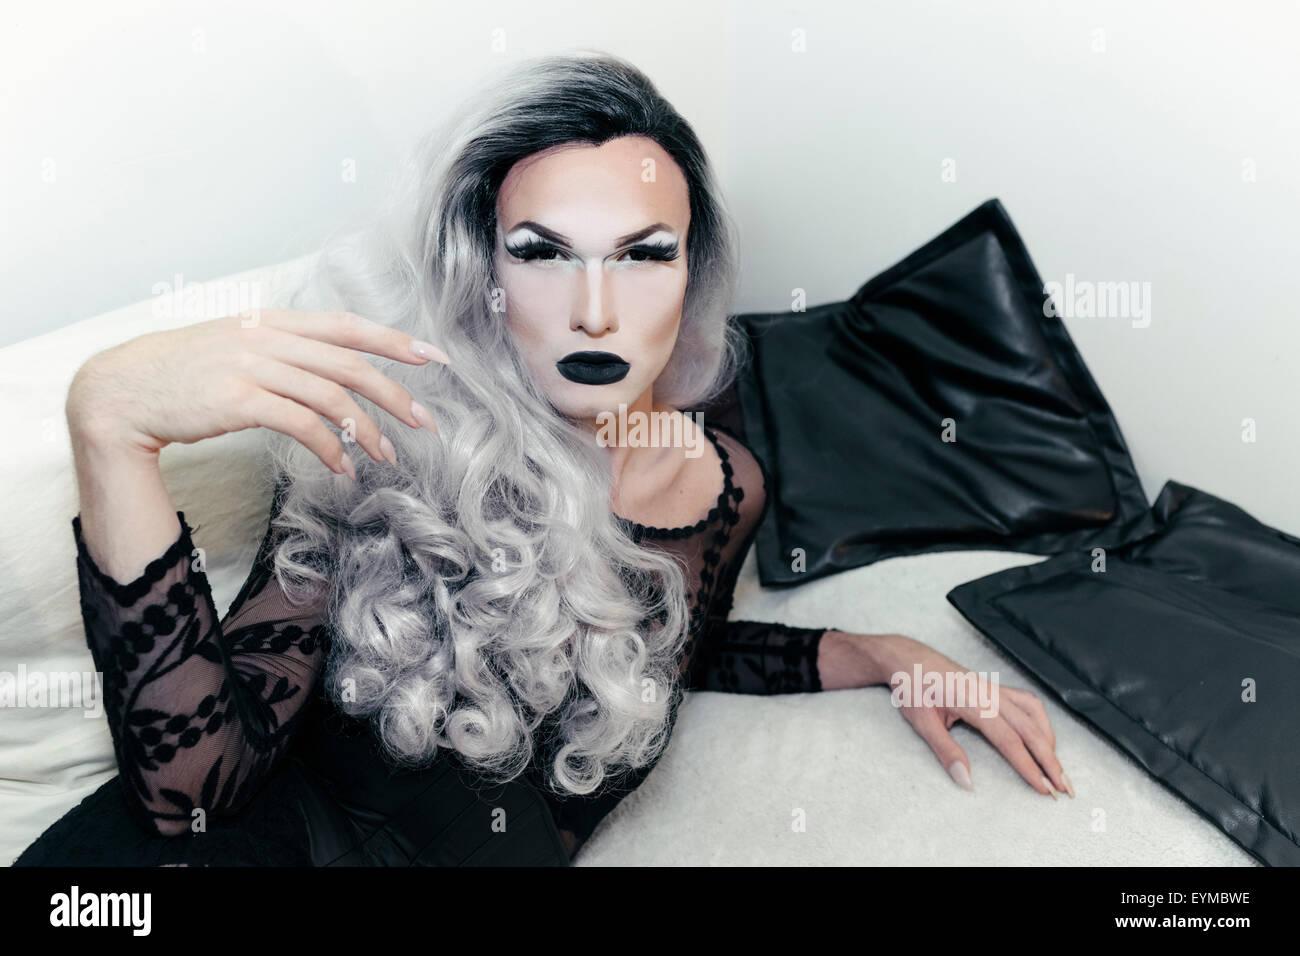 Drag Queen mâle posant pour le style pin-up portrait glamour à la maison. Banque D'Images